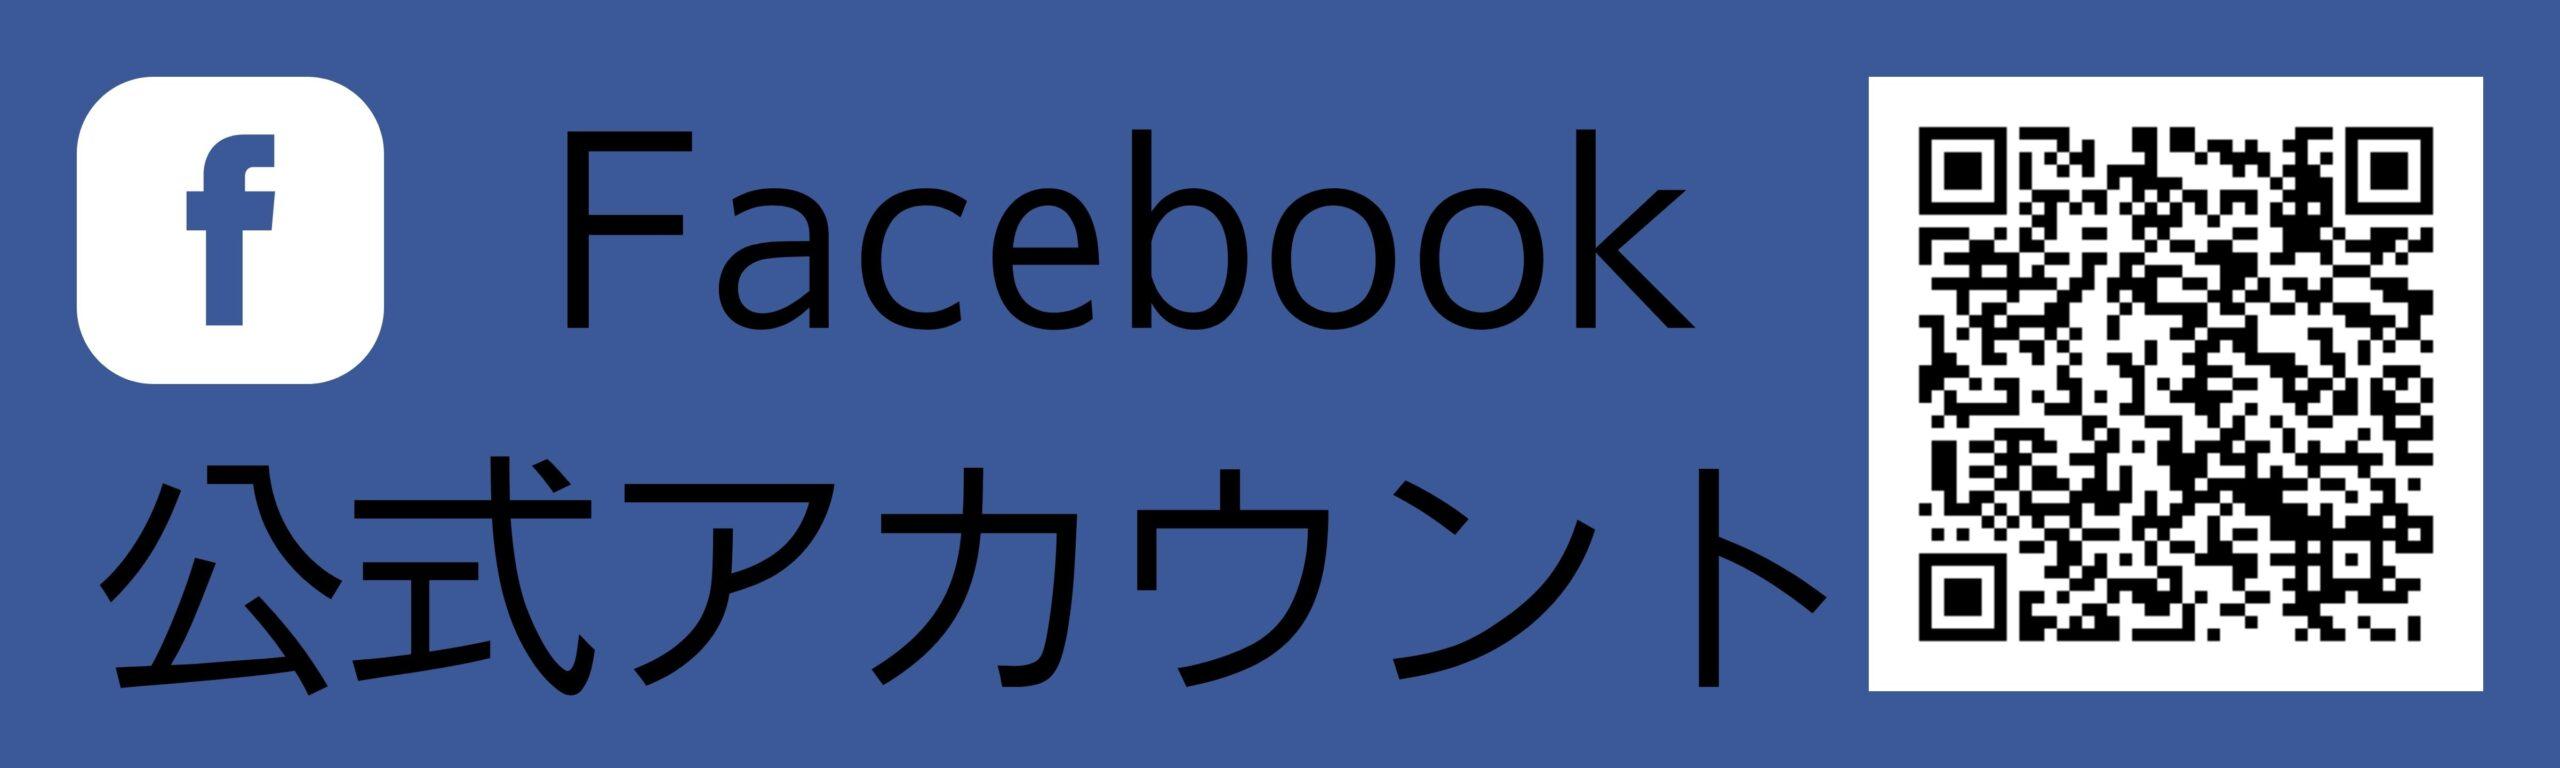 Facebookリンクボタン